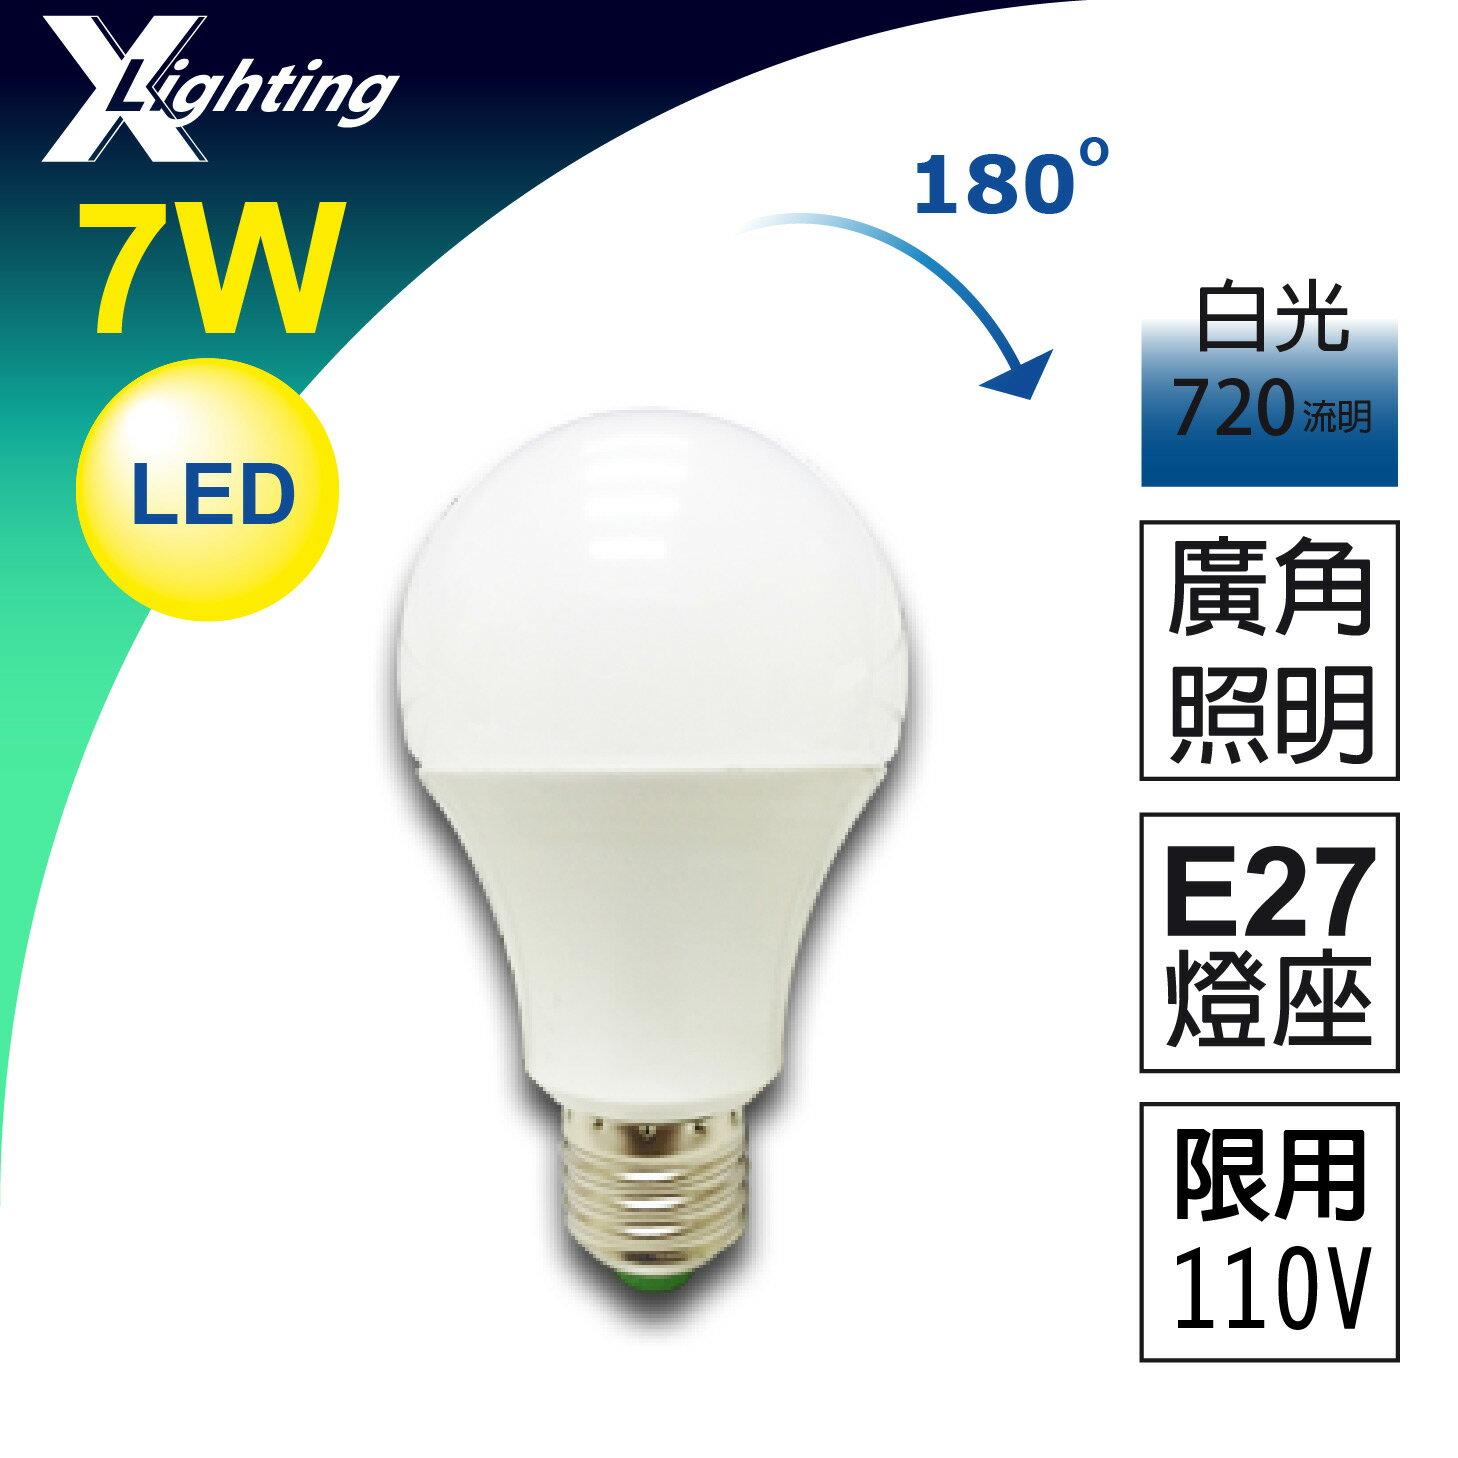 可調光 LED 7W E27(白光)燈泡 限110V EXPC X-LIGHTING(3W 5W 9W 10W 12W)